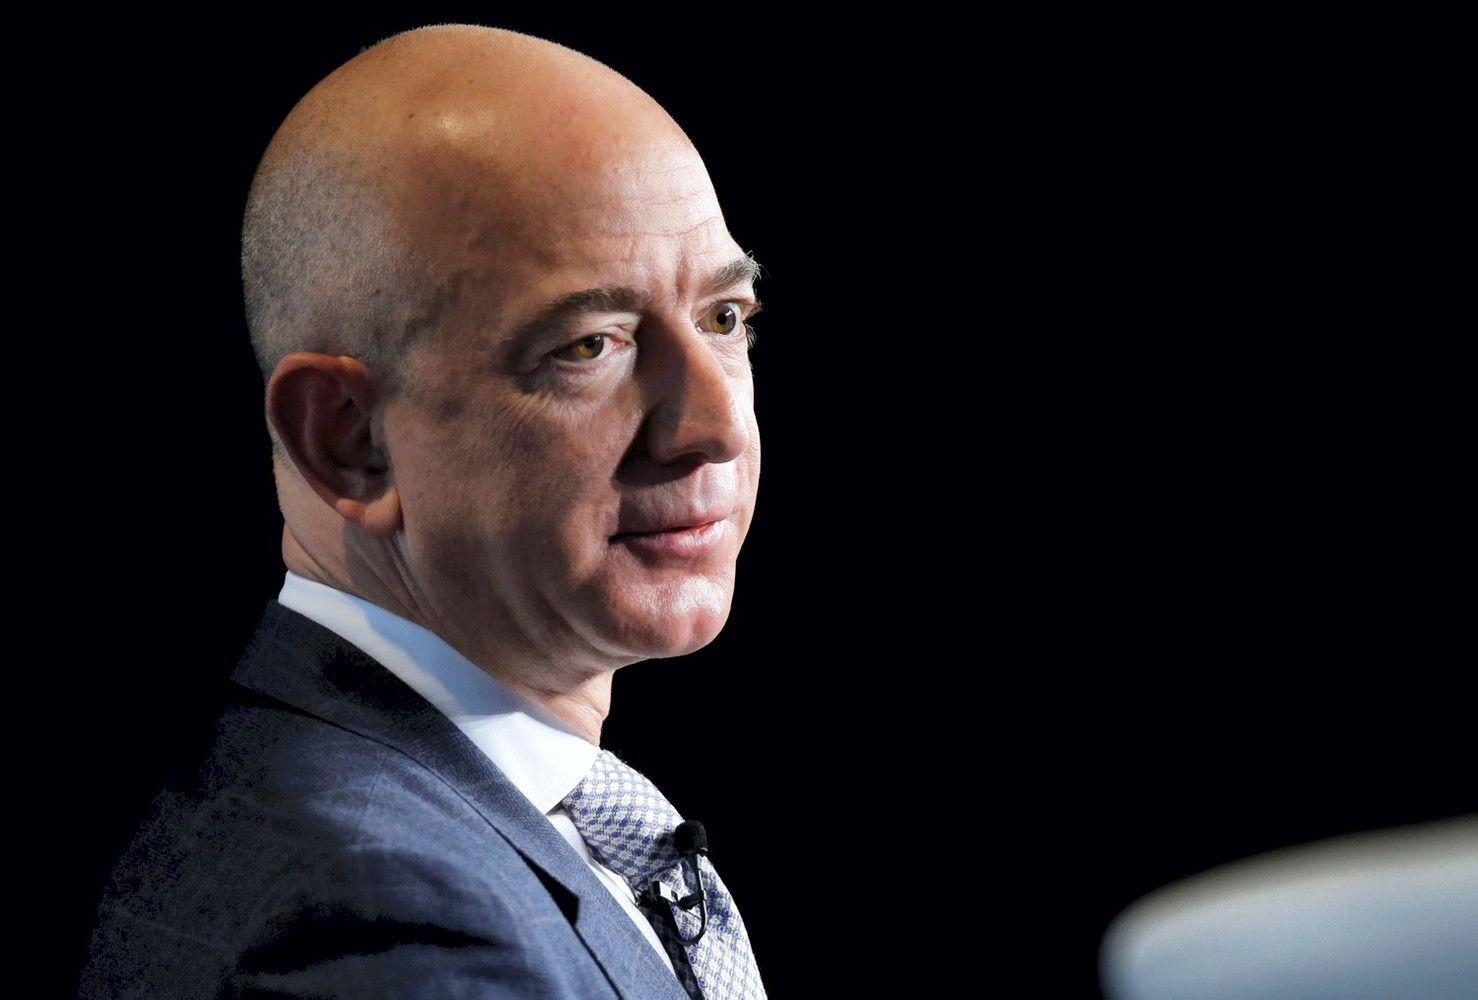 Bezoso turtas vertas daugiau, nei kada nors turėjo Gatesas